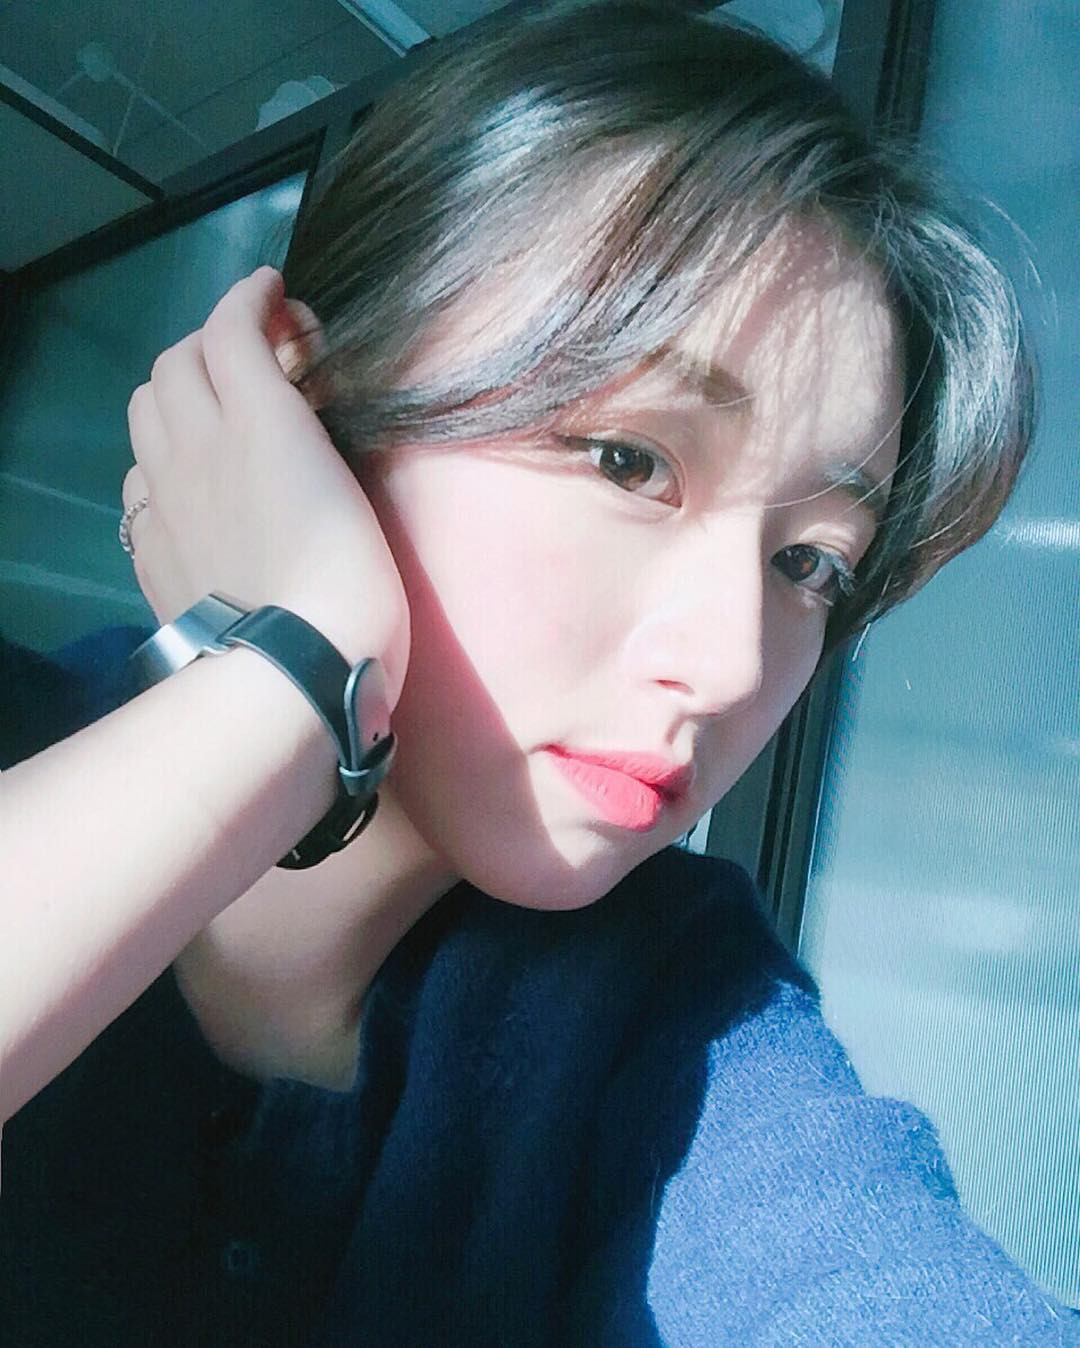 Nhan sắc nhẹ nhàng đúng chuẩn mối tình đầu của cô bạn đến từ Hàn Quốc - Ảnh 3.